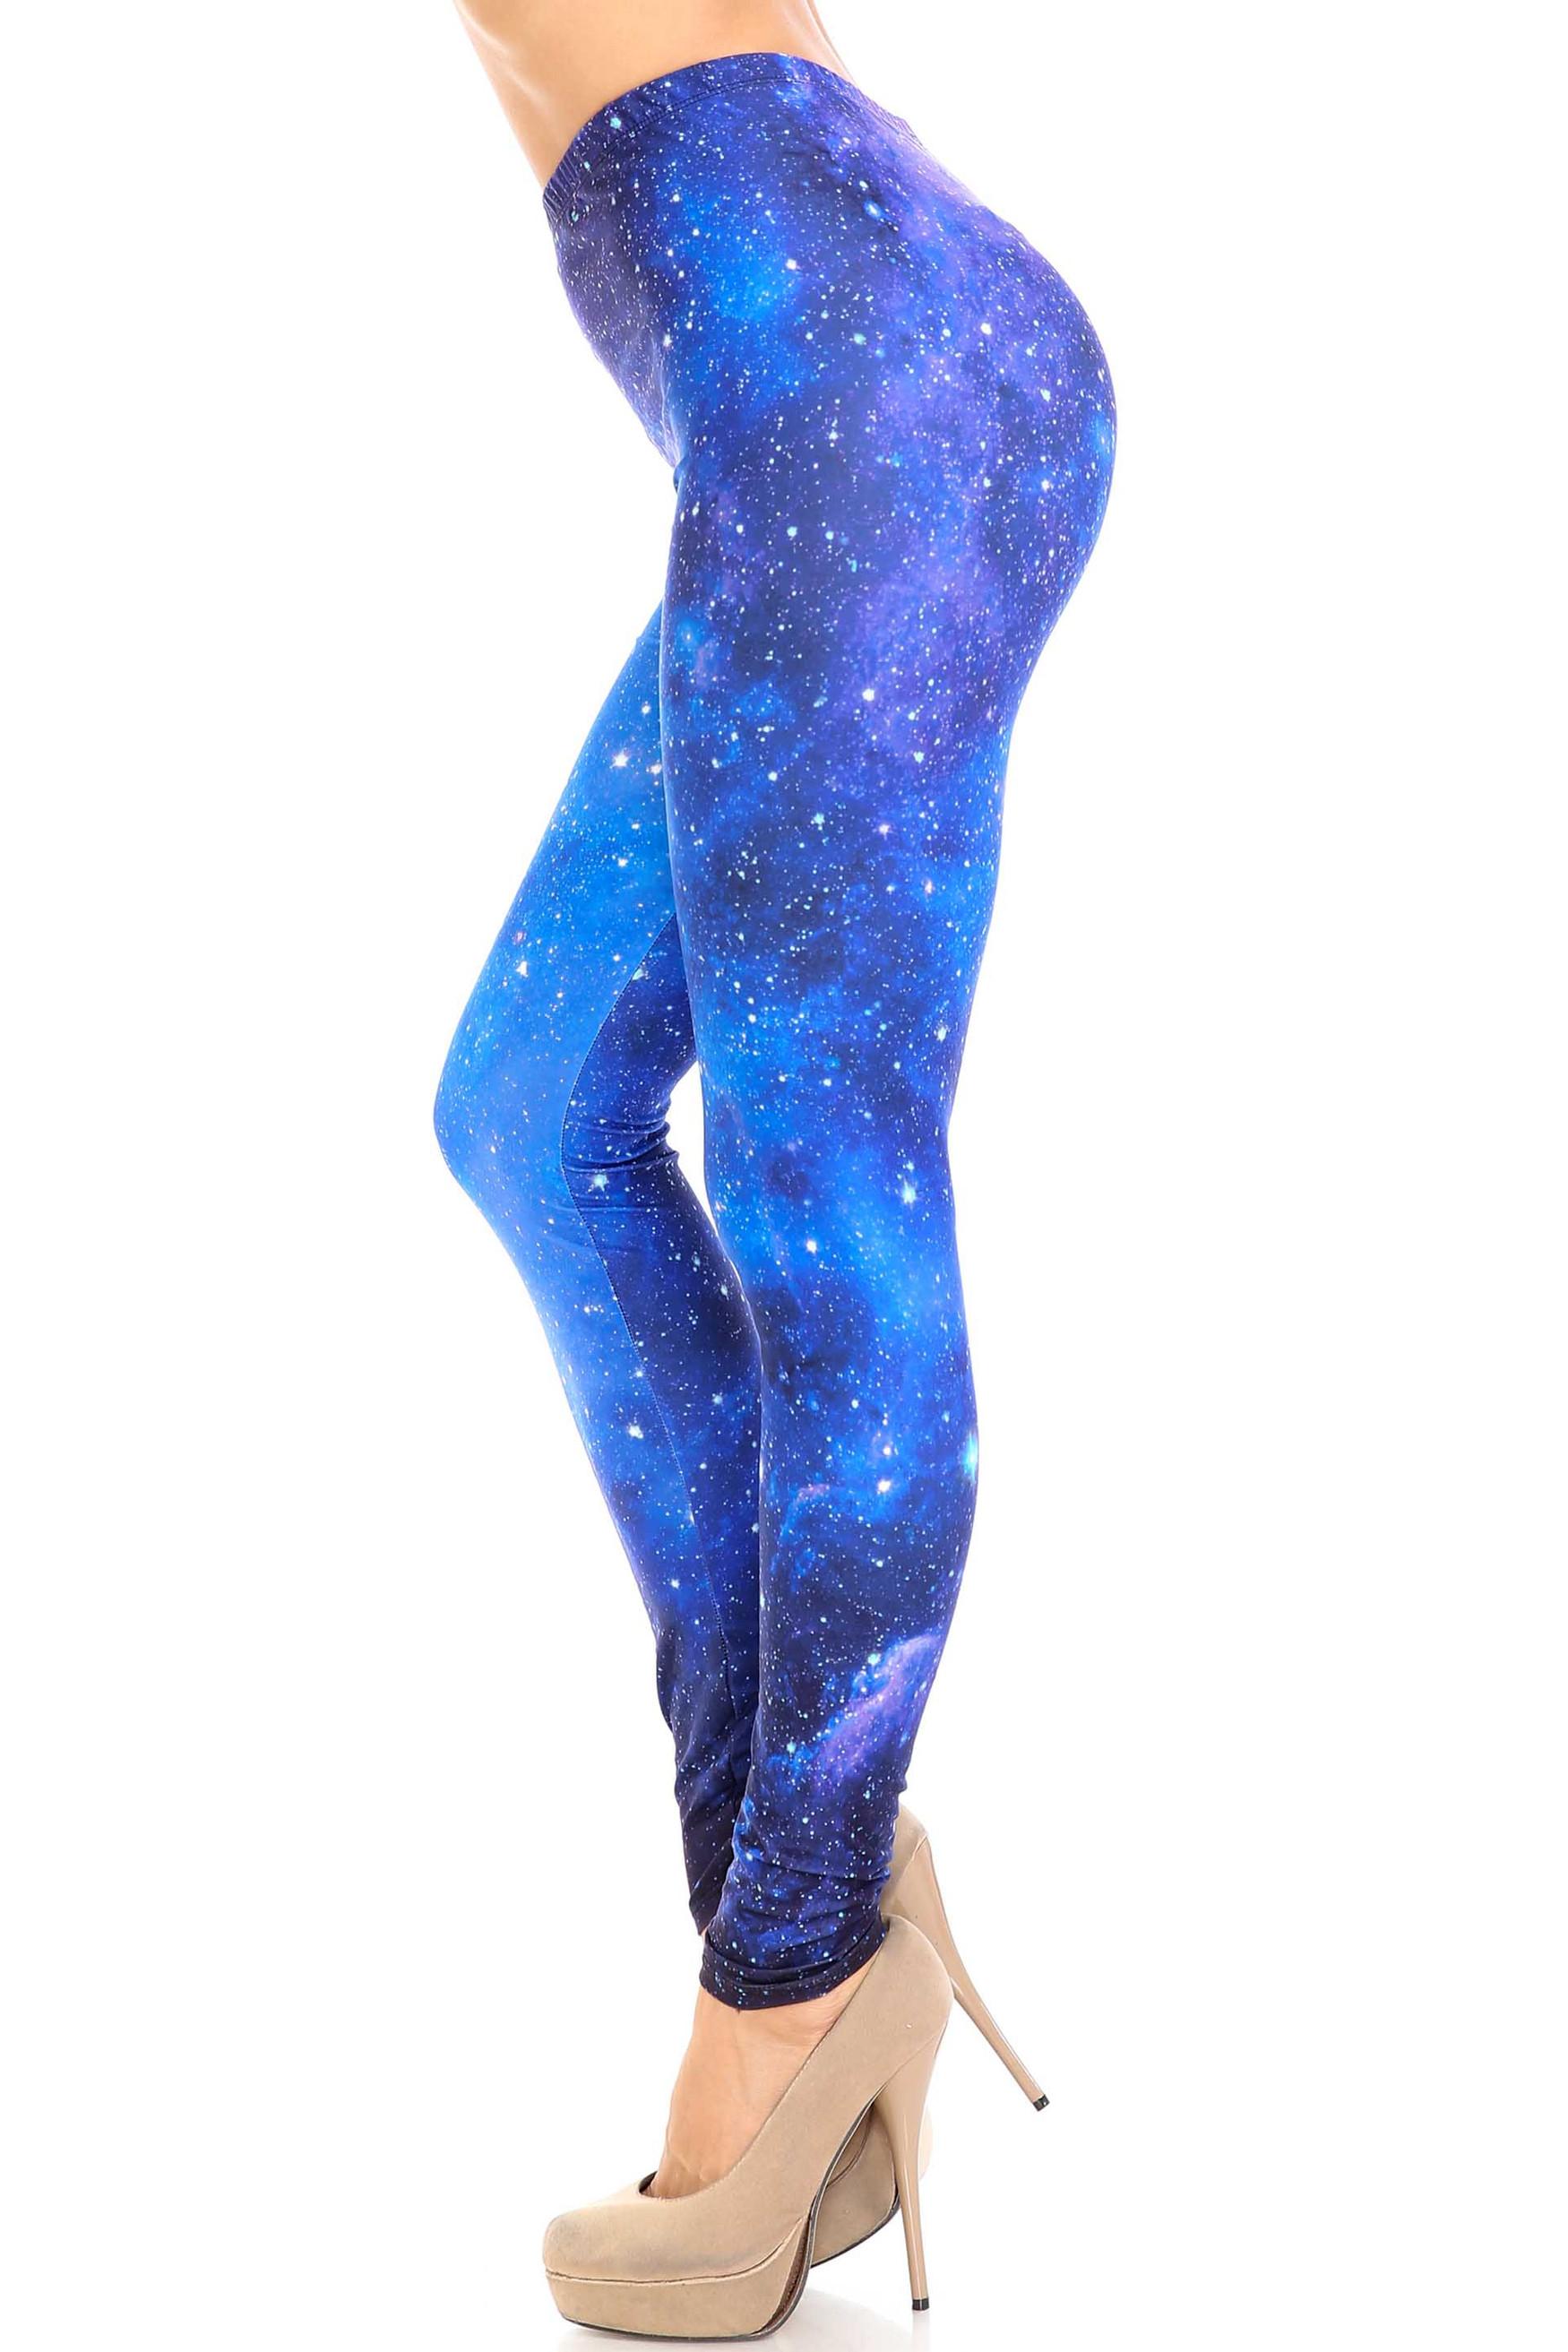 Creamy Soft Deep Blue Galaxy Leggings - USA Fashion™